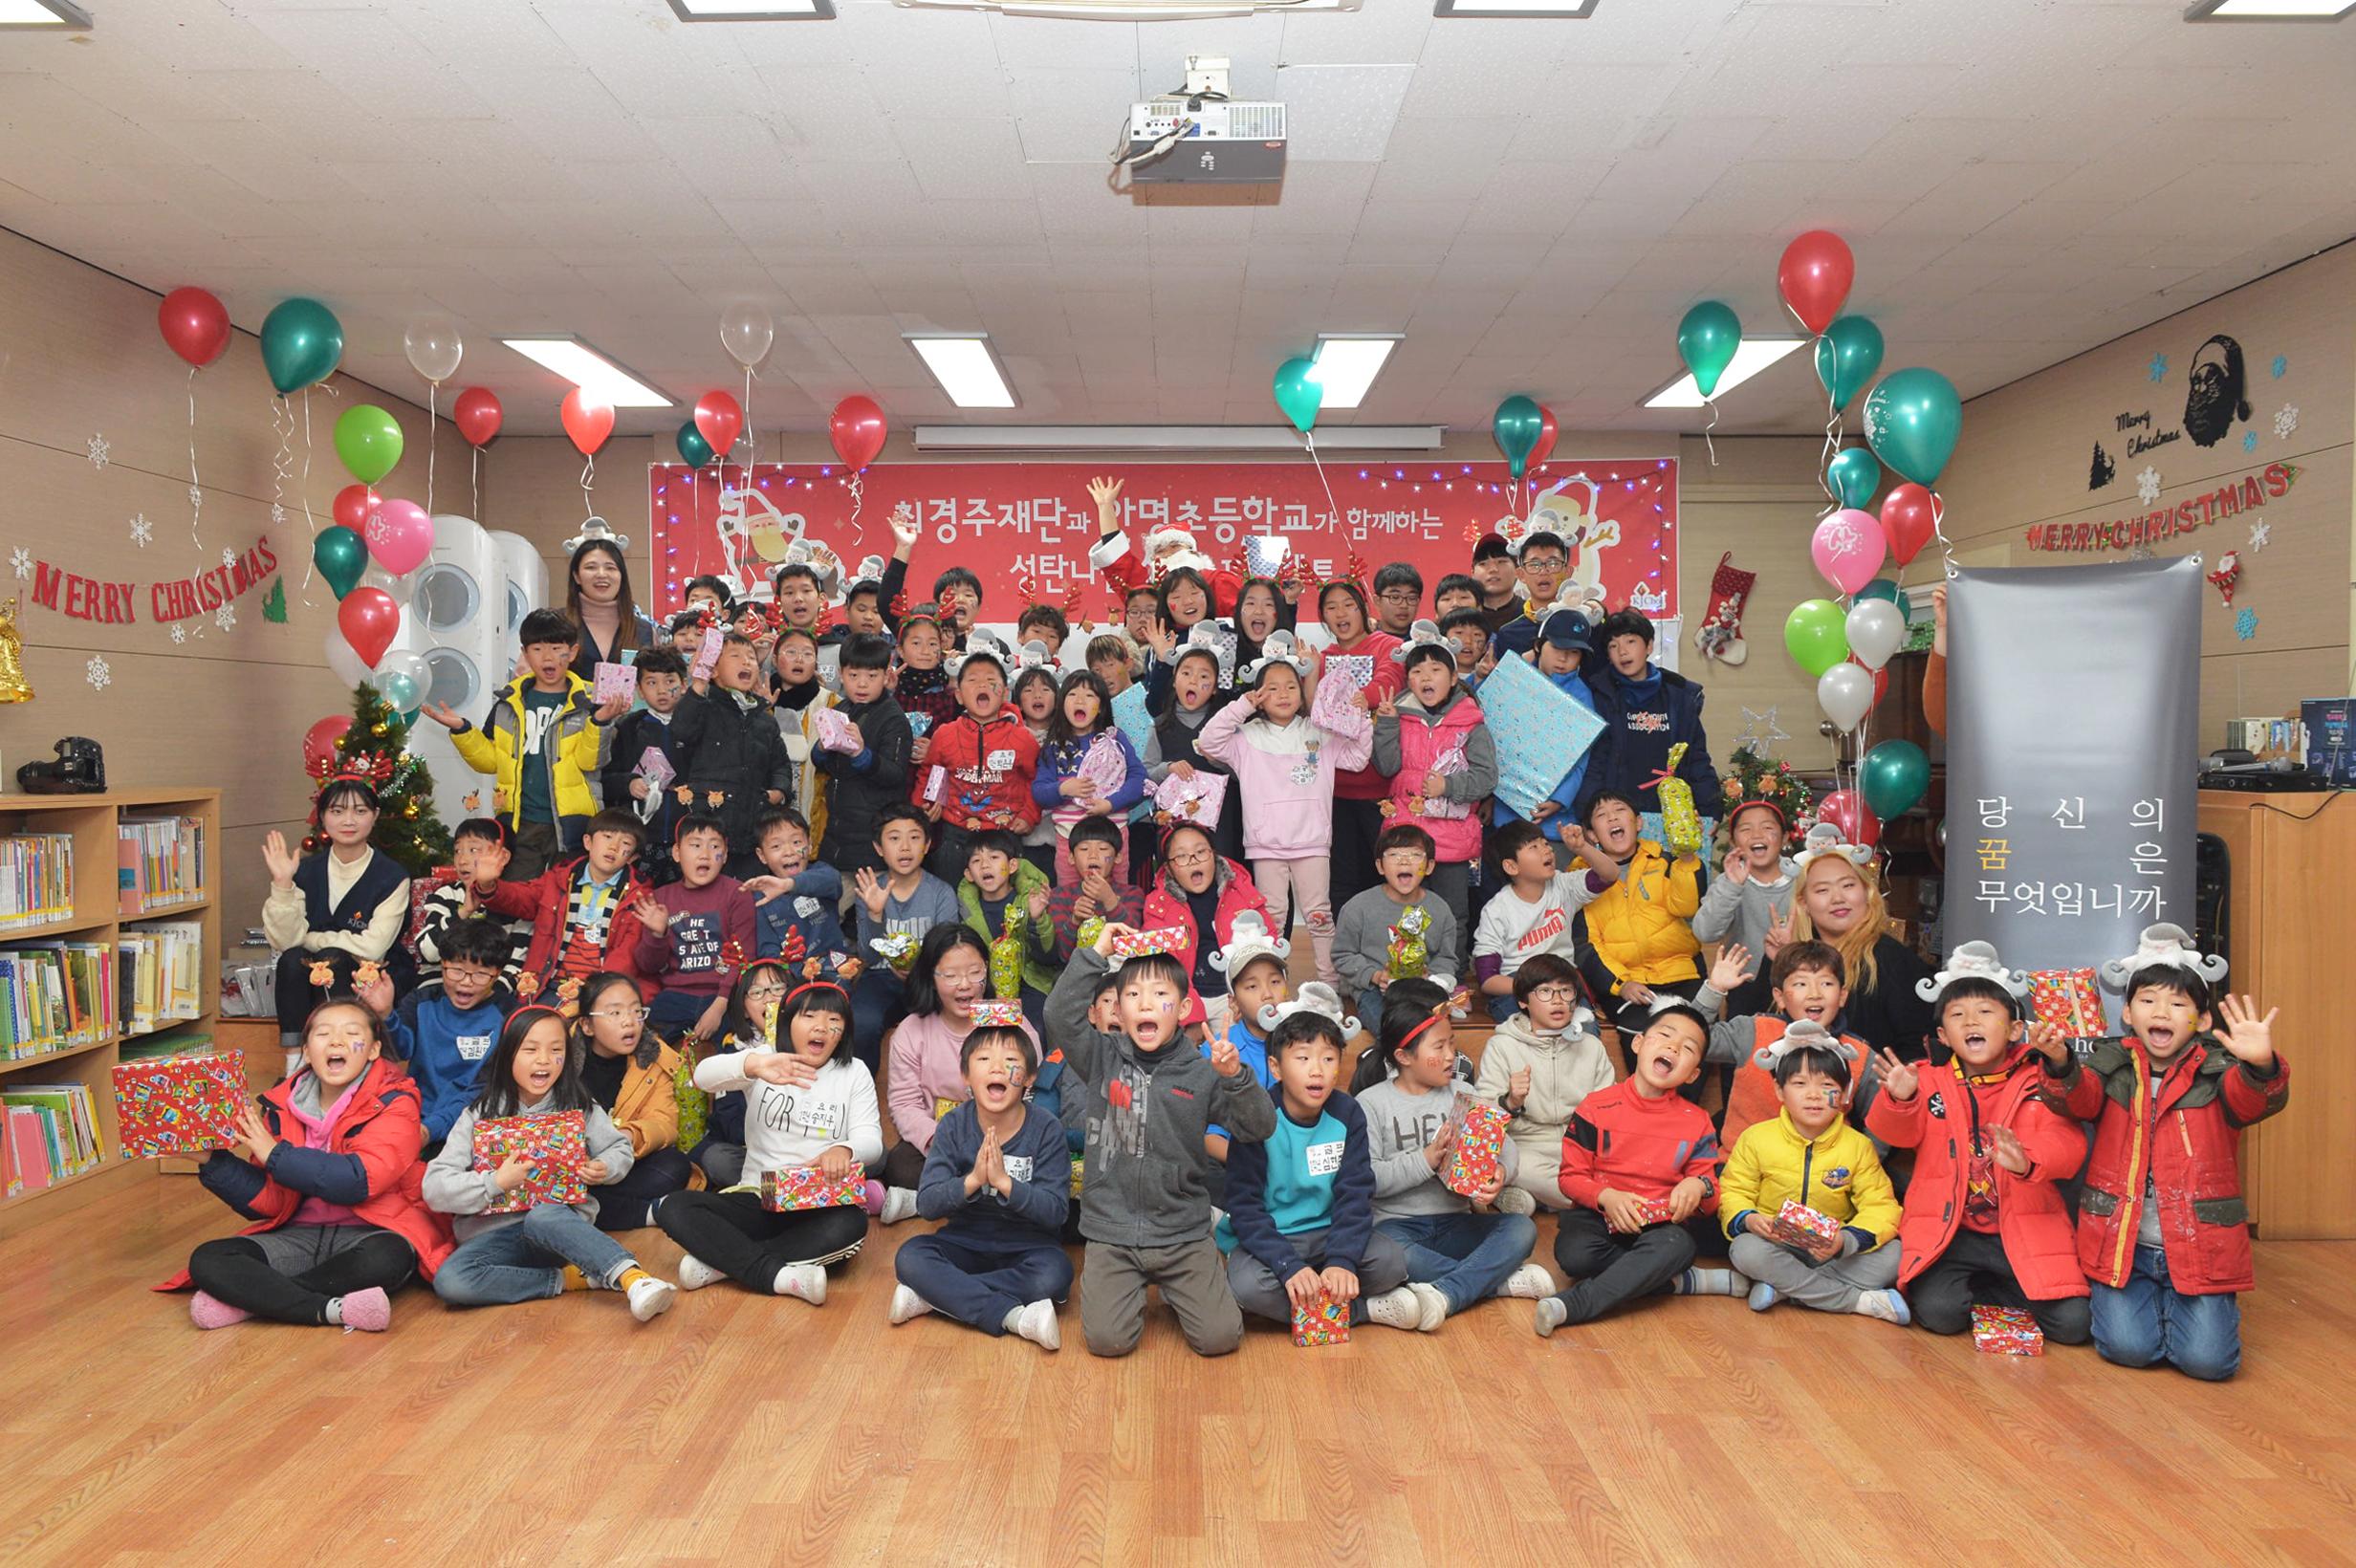 최경주재단, 경남 김해 안명초등학교 학생들과 성탄나눔 산타프로젝트 진행